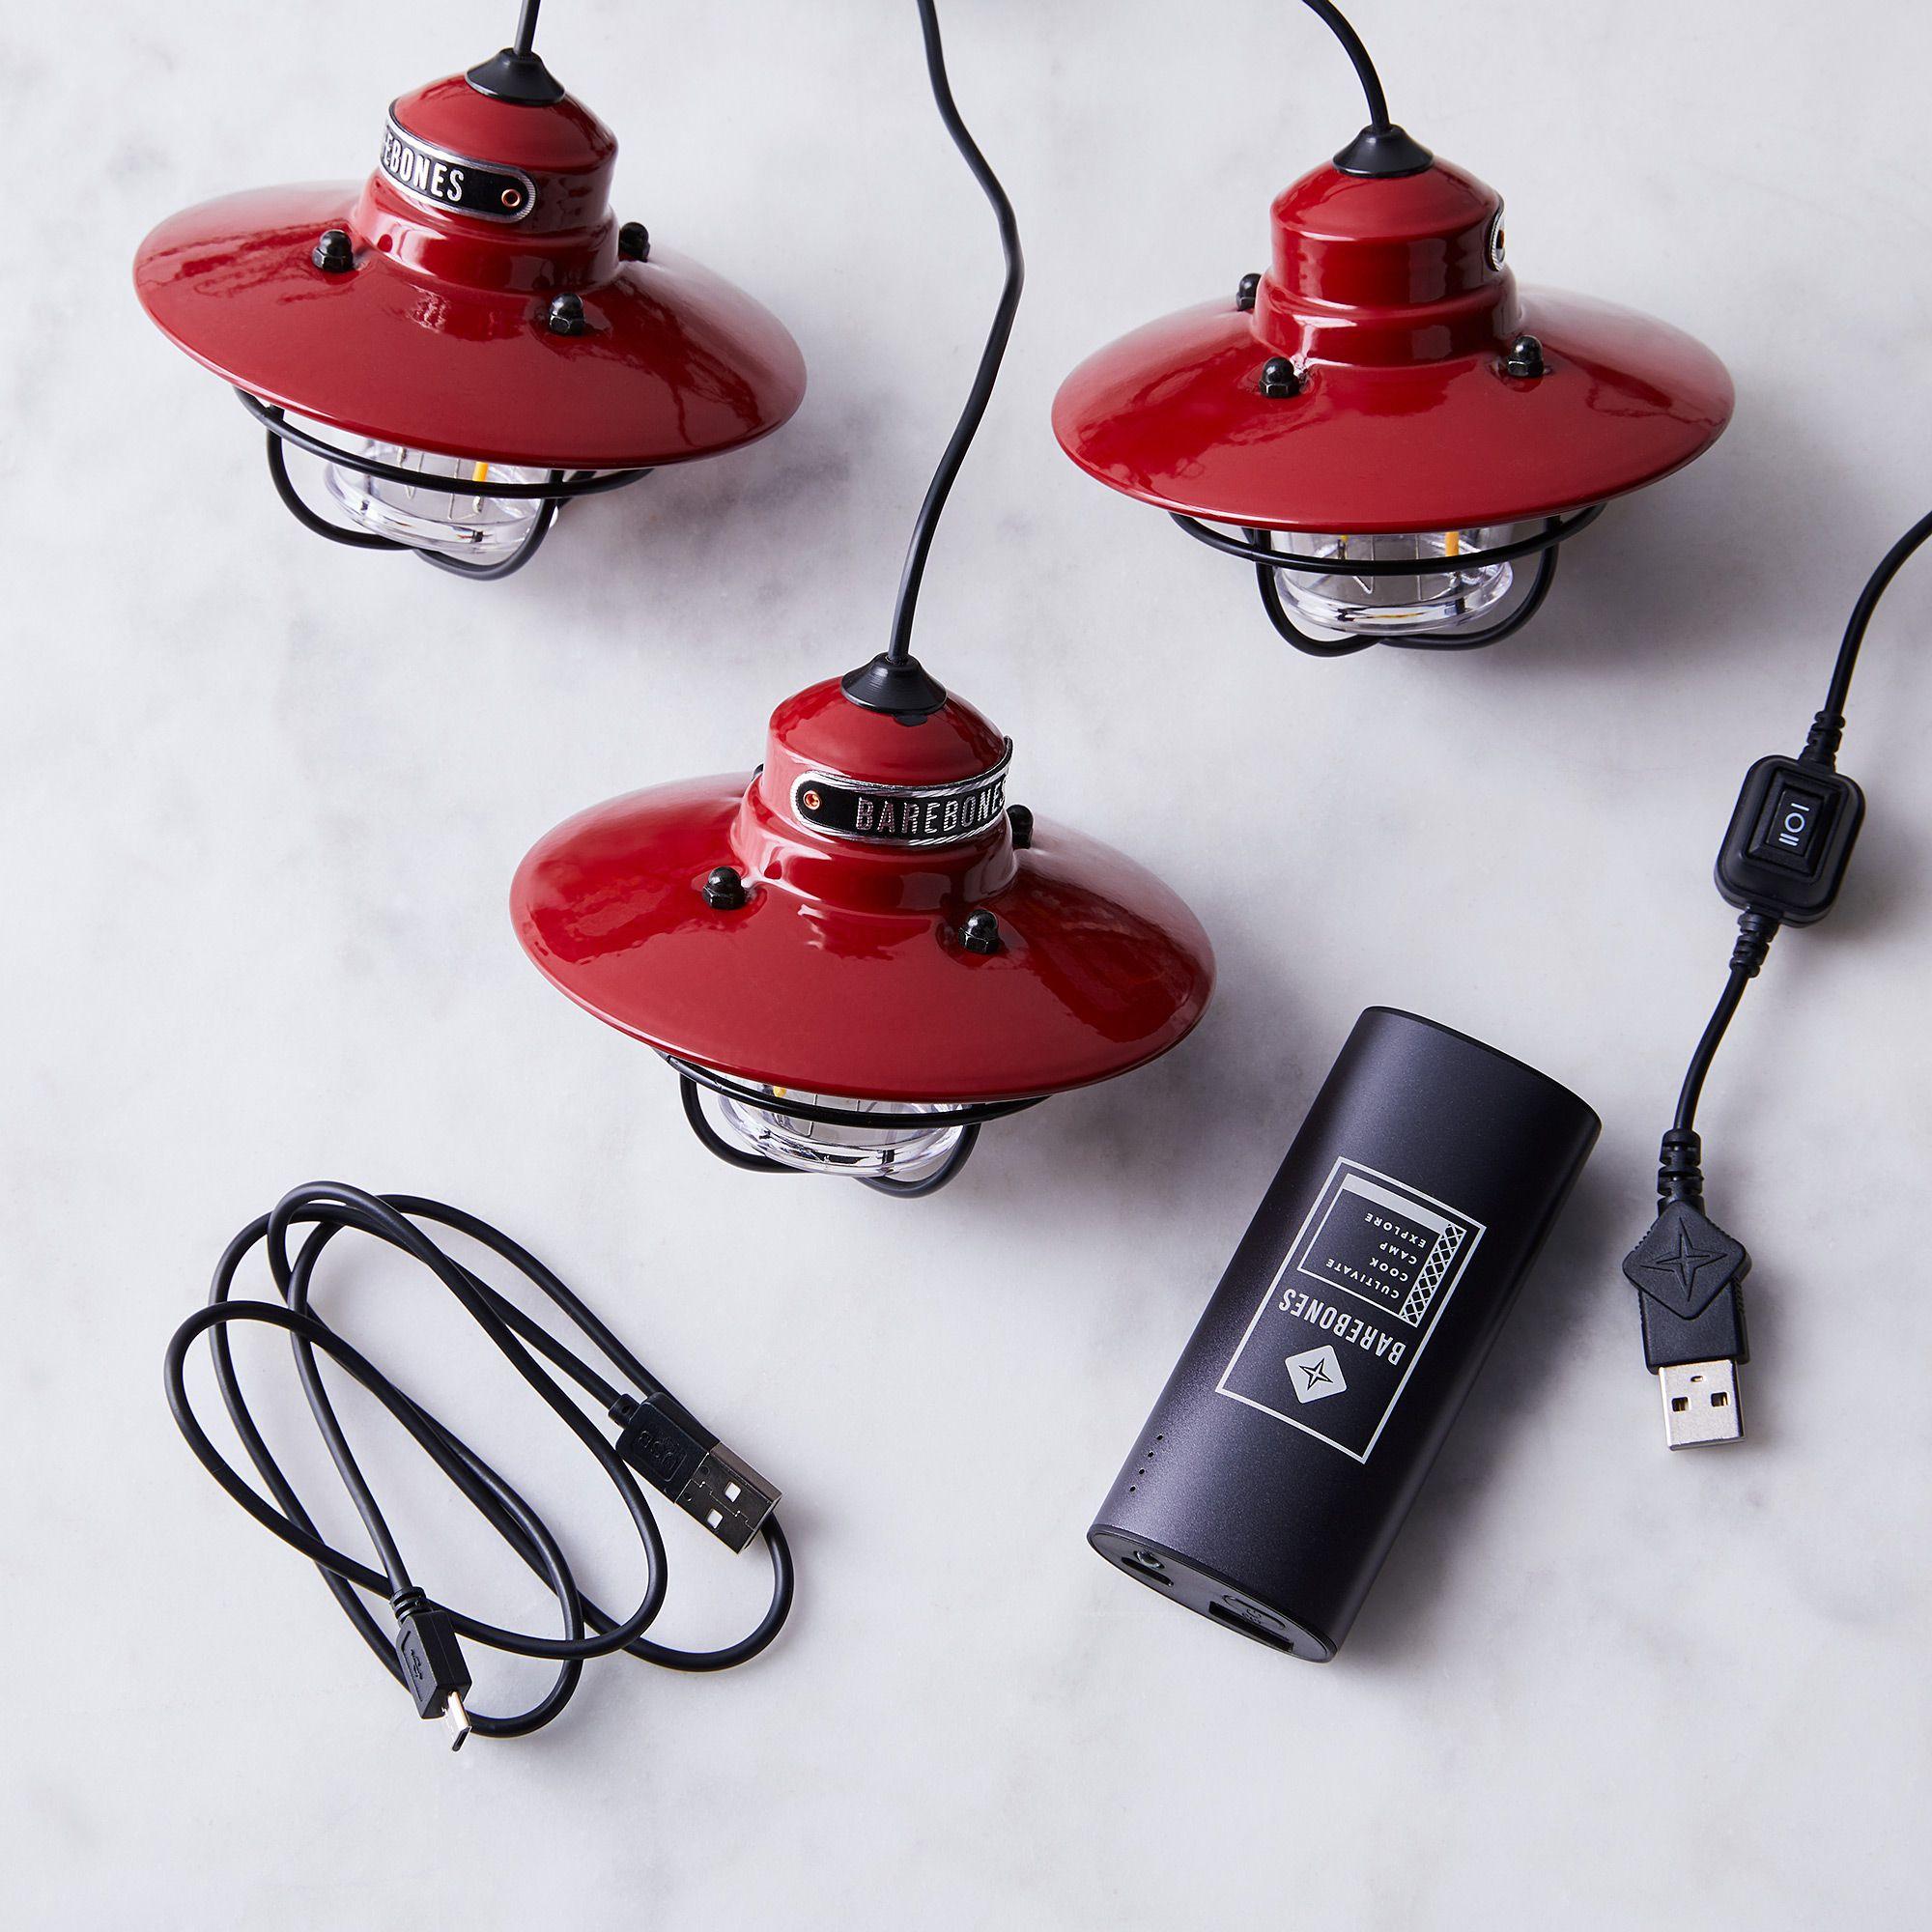 Barebones Livingbarebones Living Edison String And Pendant Light String Light Portable Charger Red Dailymail